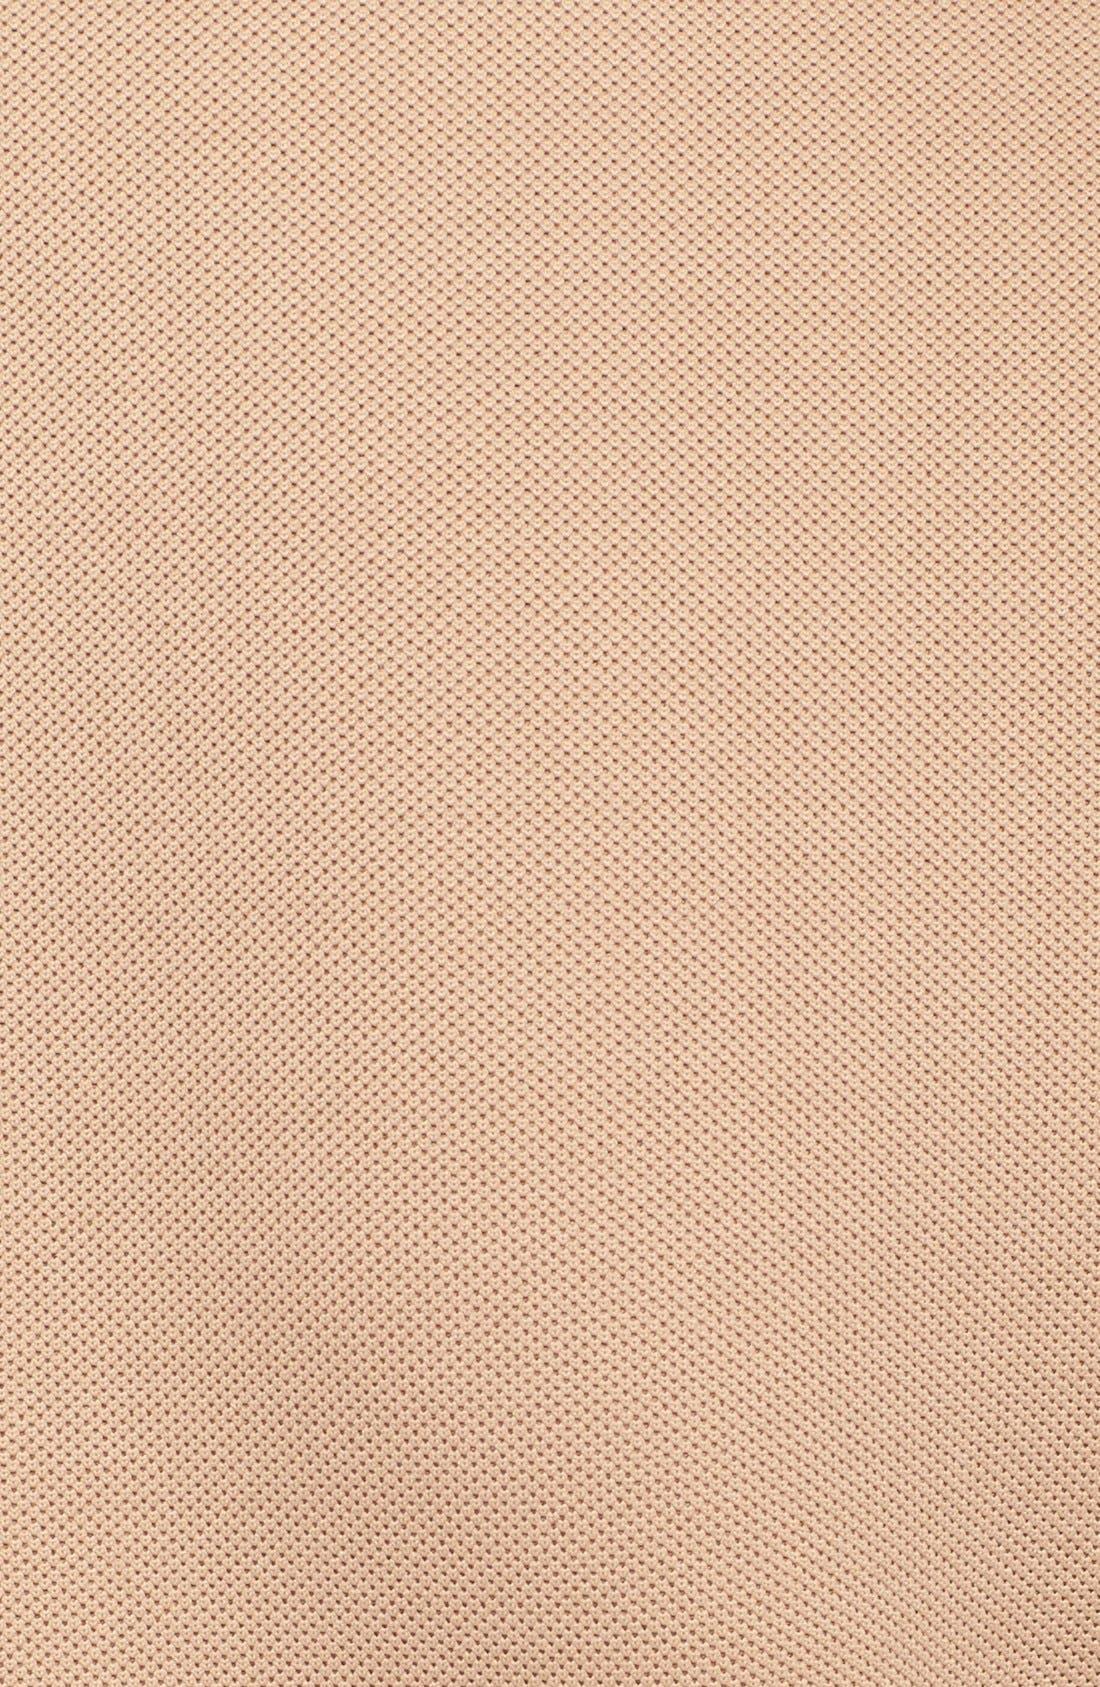 Alternate Image 3  - Alexander Wang Paneled Detail Sleeveless Top